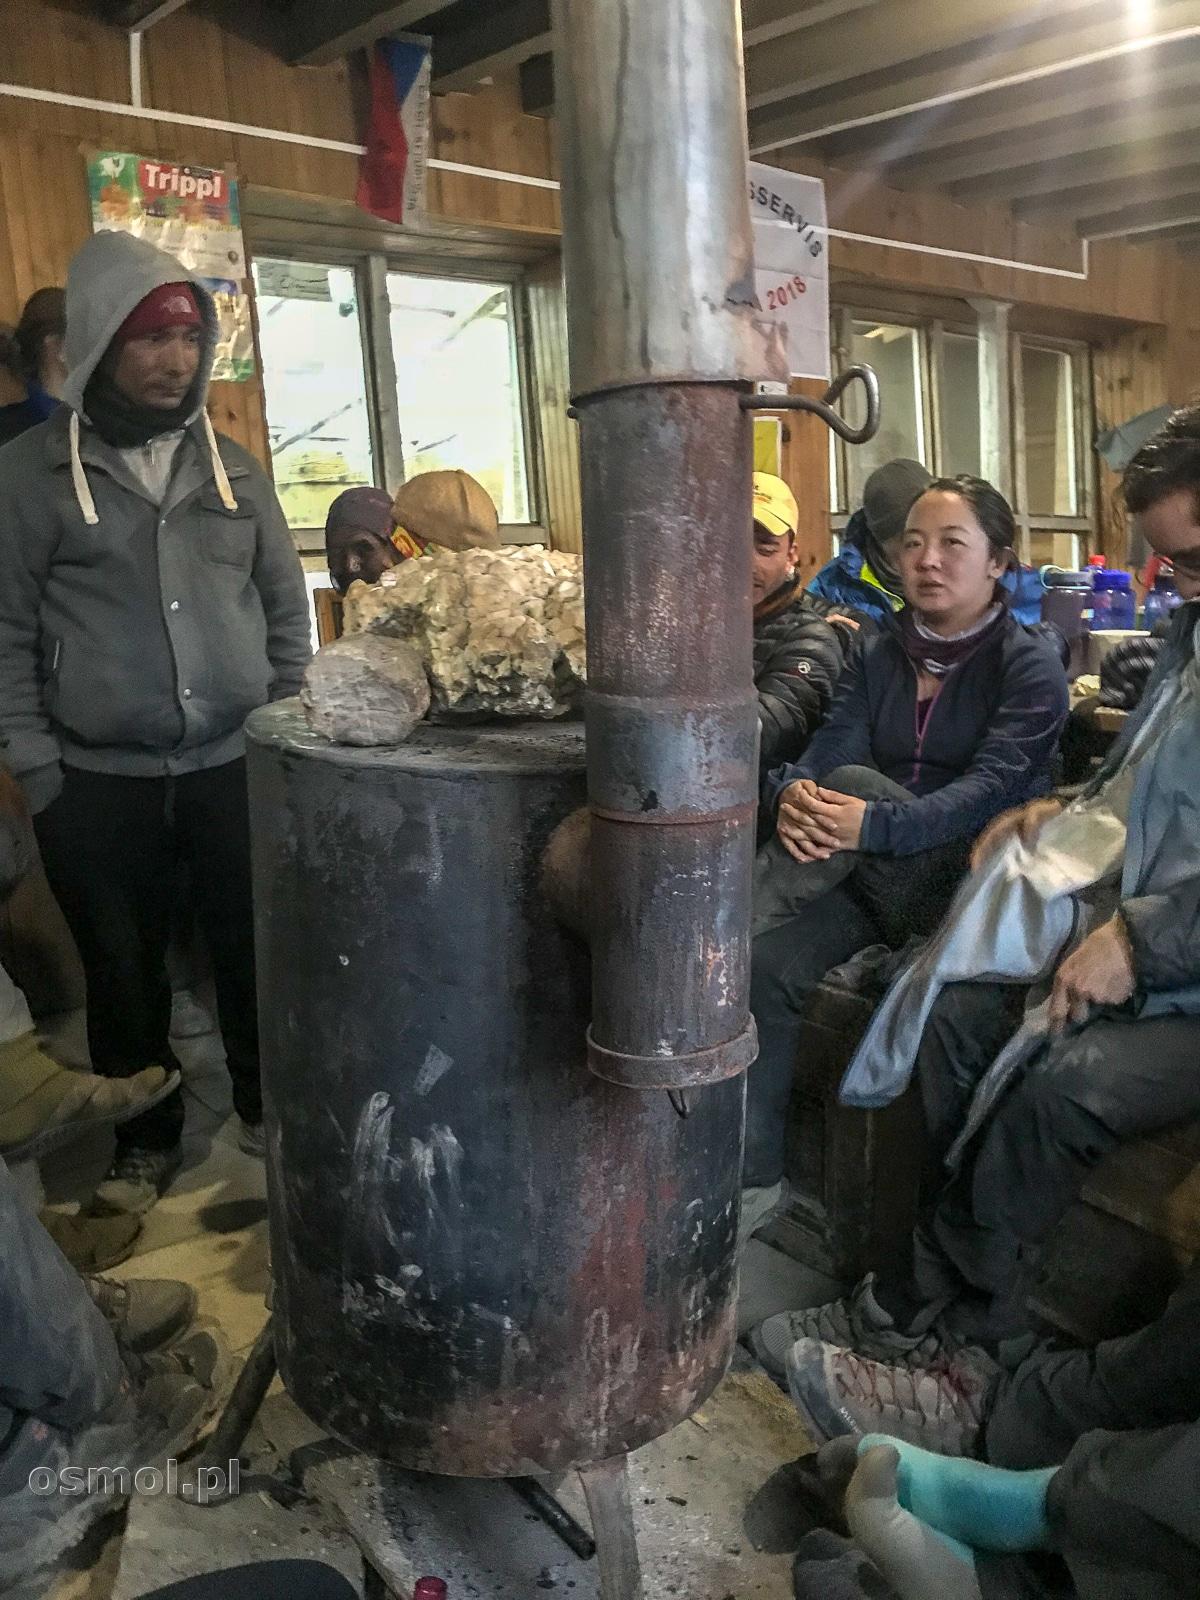 Piec w hotelu na trasie dookoła Annapurny